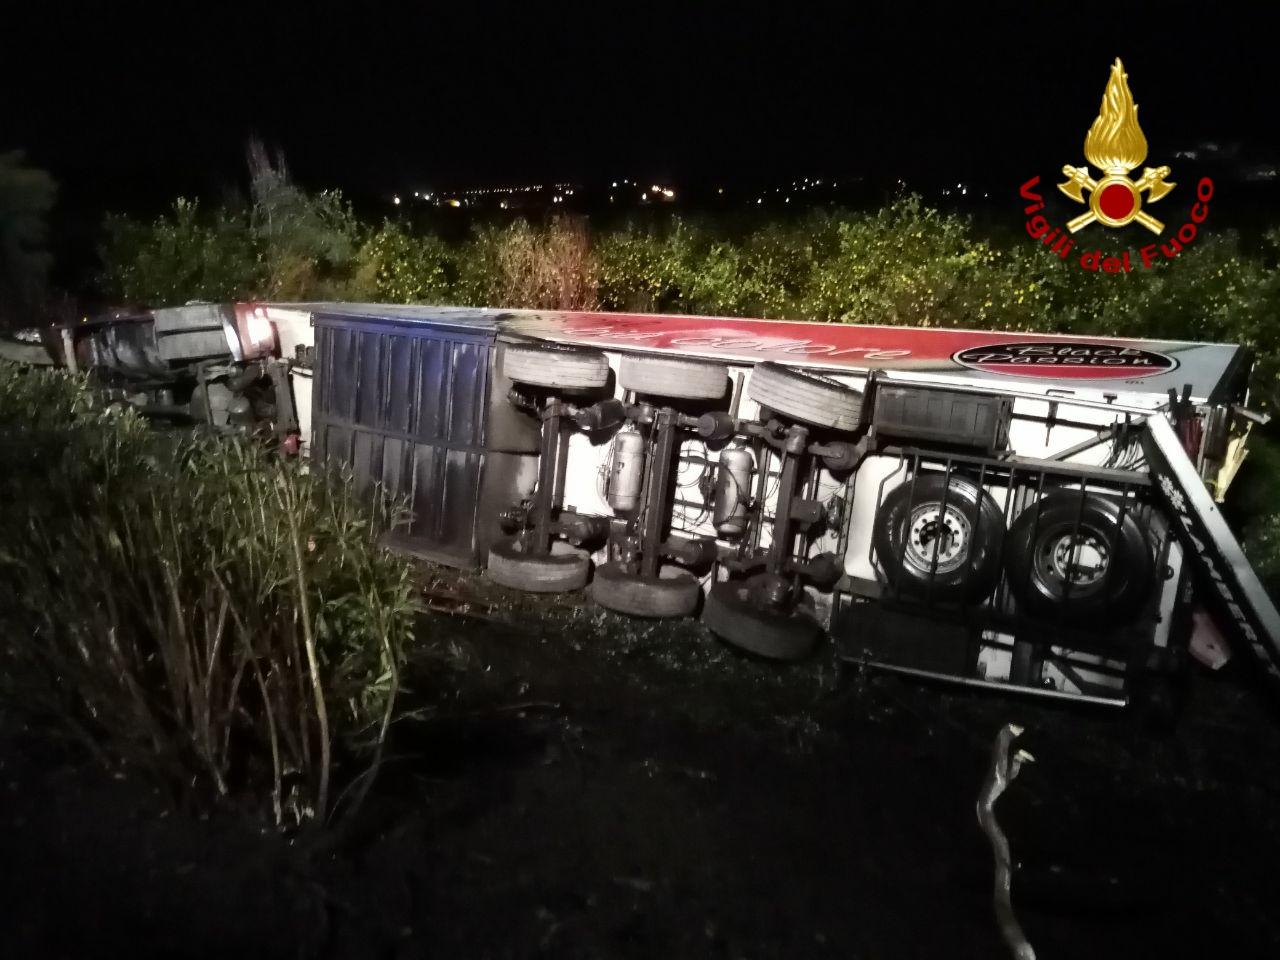 Pauroso incidente sulla A18, autoarticolato esce fuori dalla carreggiata e si ribalta: ferito l'autista